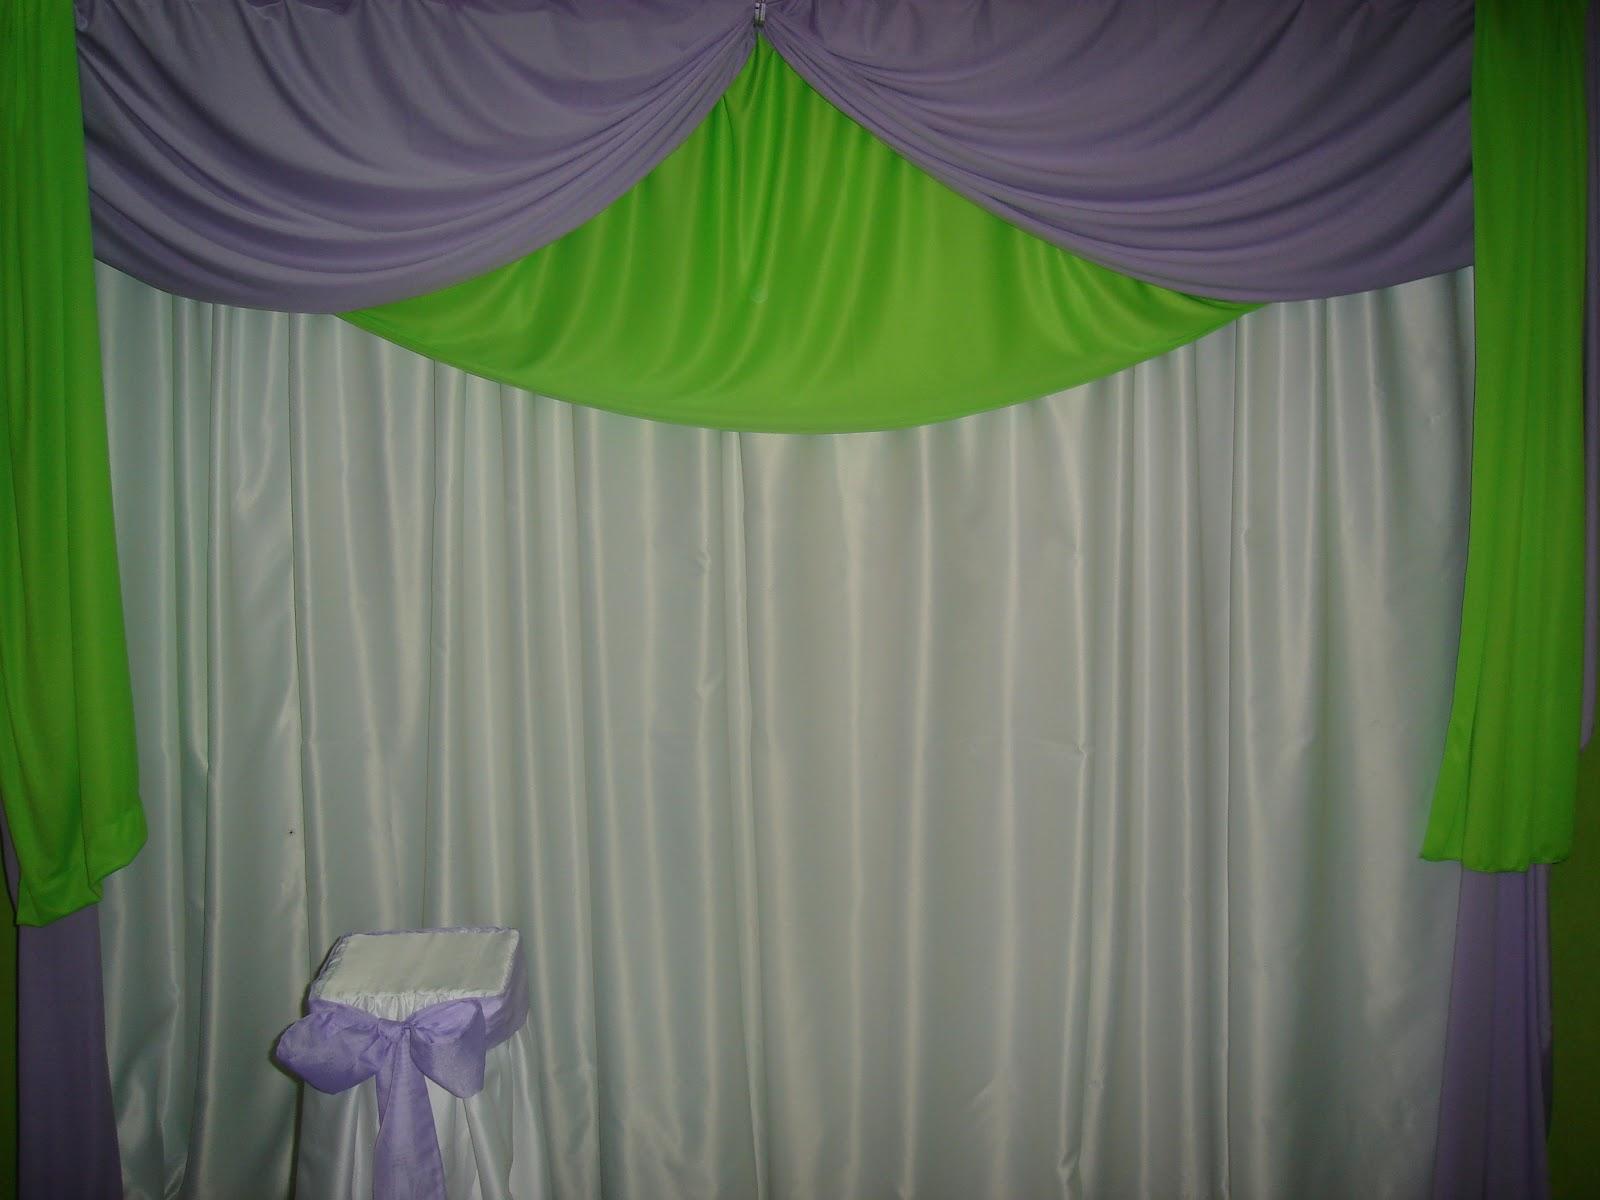 Neon decora es cortina em verde e lil s for Cortina verde agua